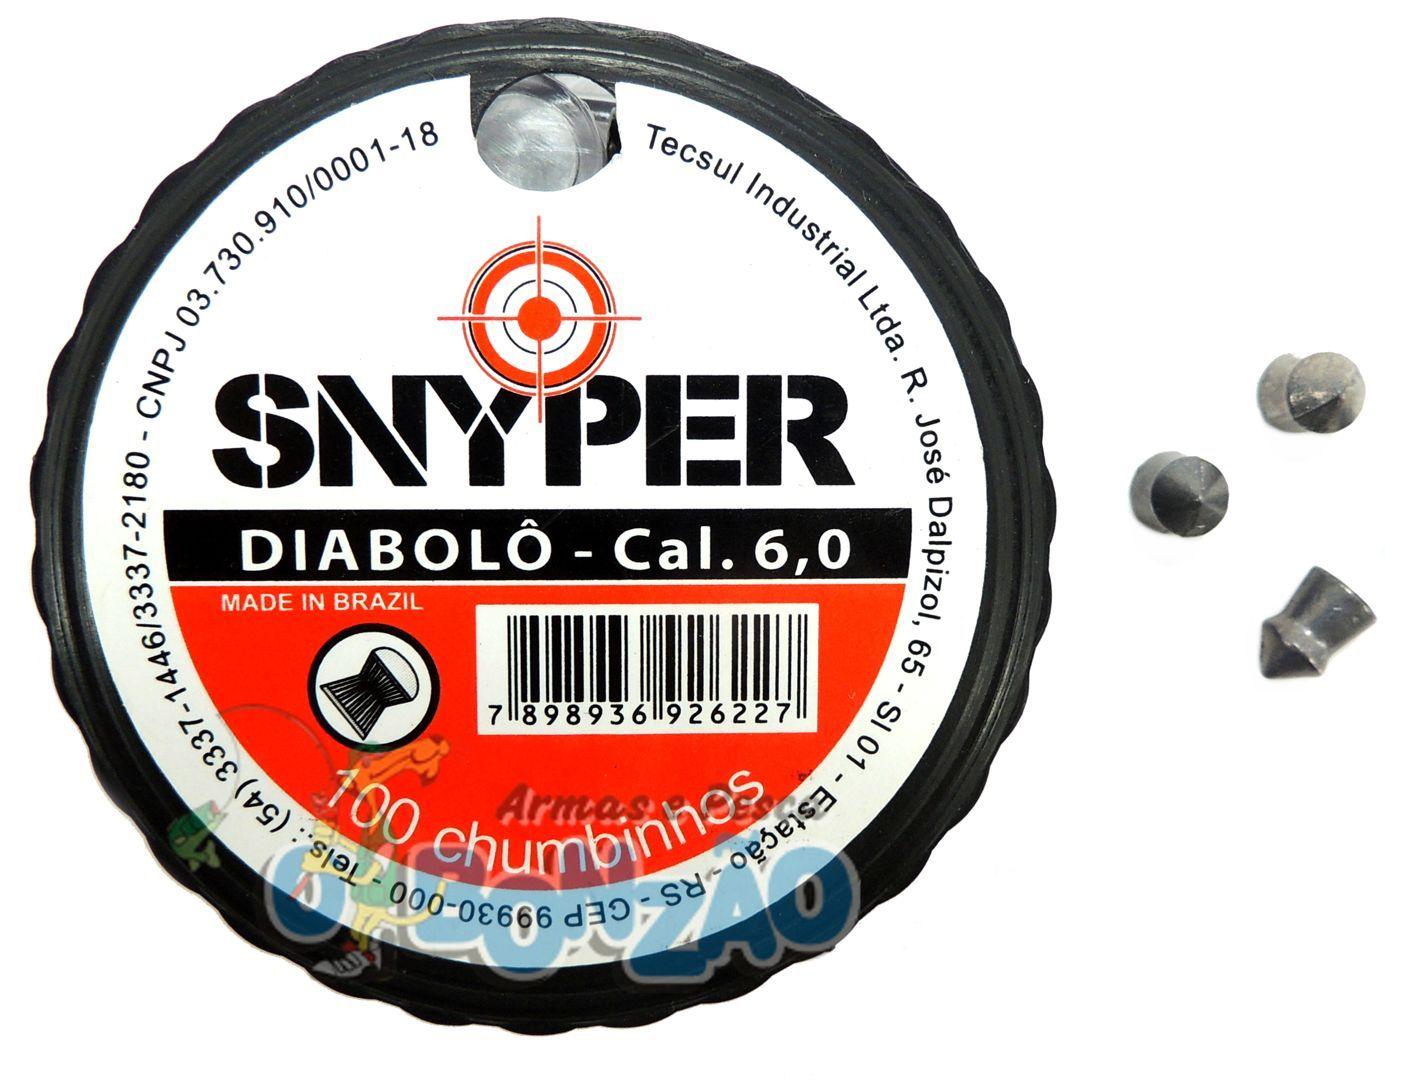 Chumbinho Snyper Diabolô Cal. 6,0mm - 100 unidades